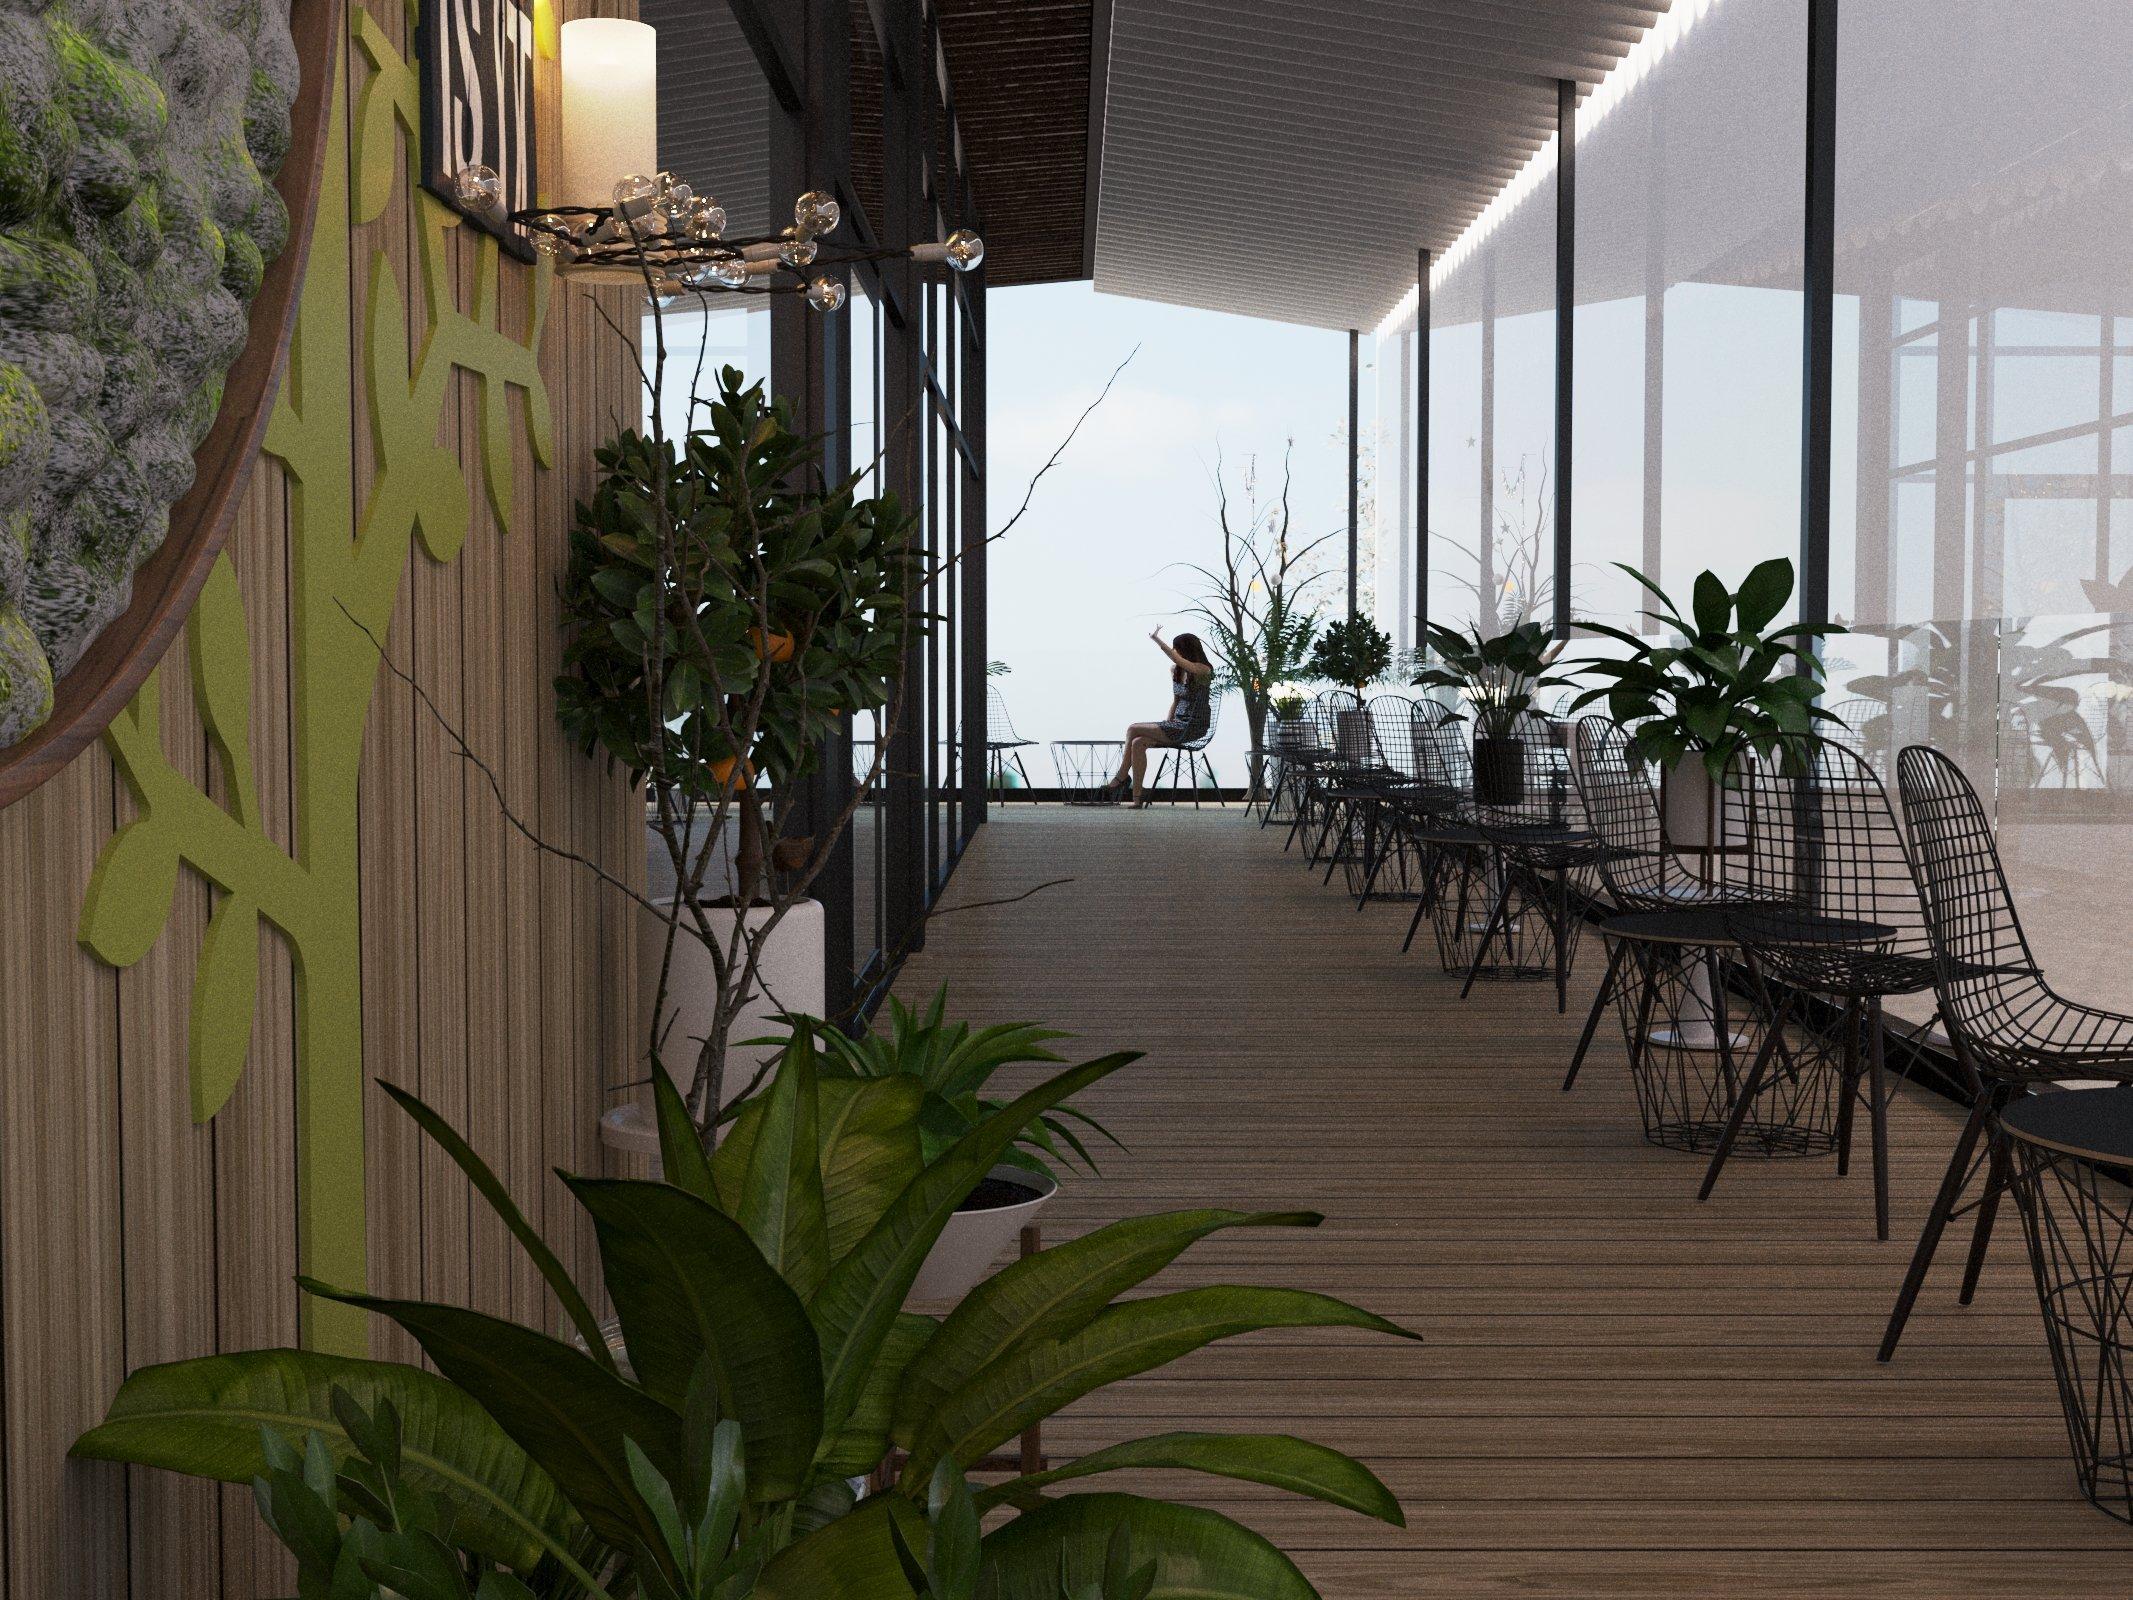 Khu vui chơi, giải trí, uống cá phê, trên tầng 2 để khách hàng công ty được thoải mái và thư giãn